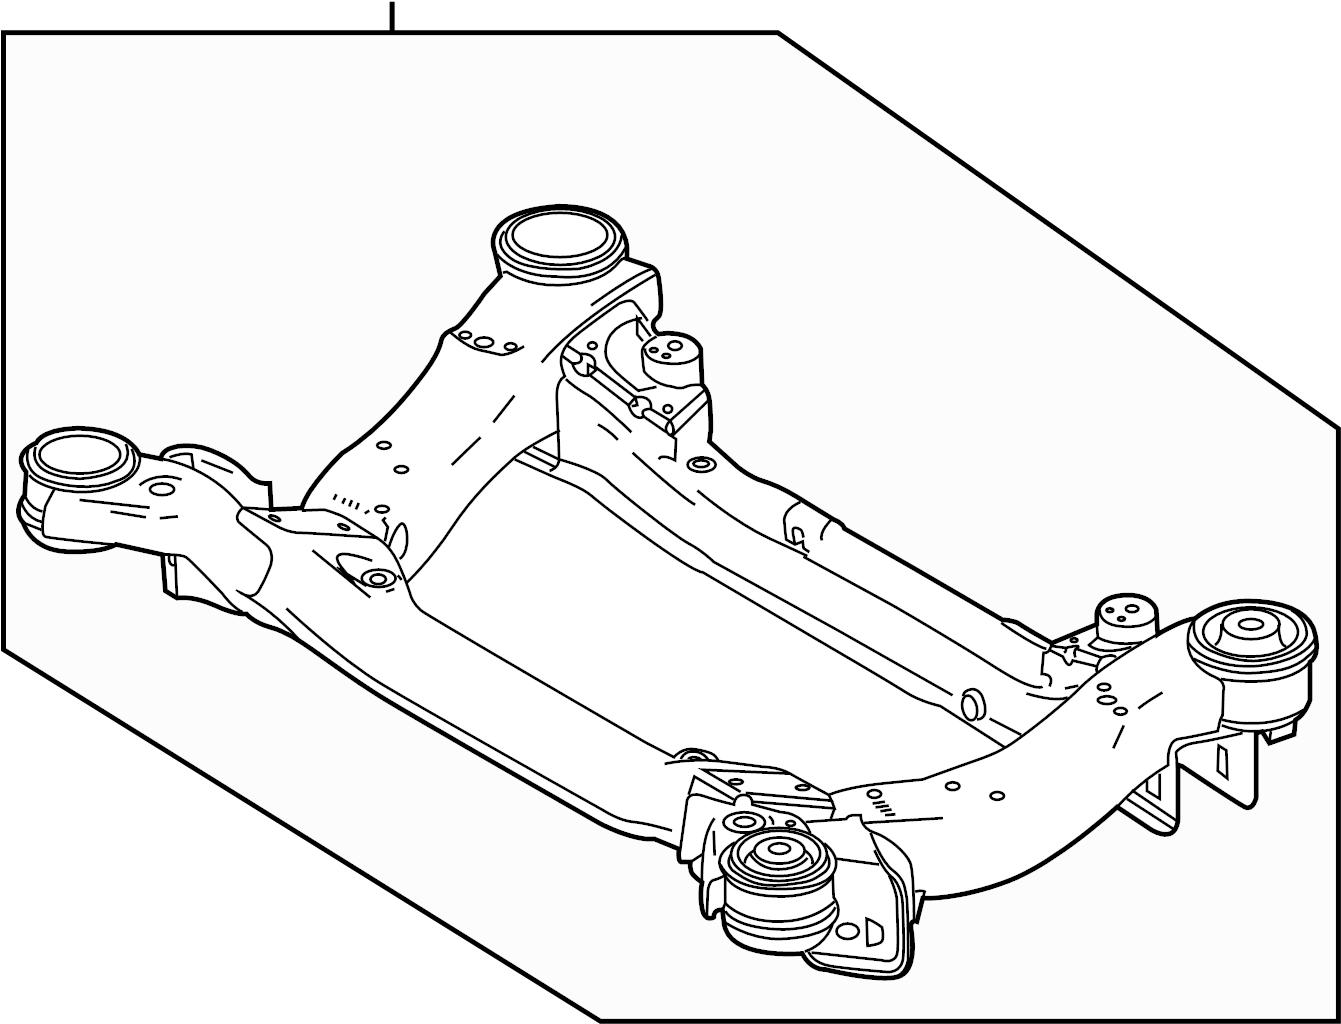 Jaguar Xjr Engine Cradle Frame Front Suspension